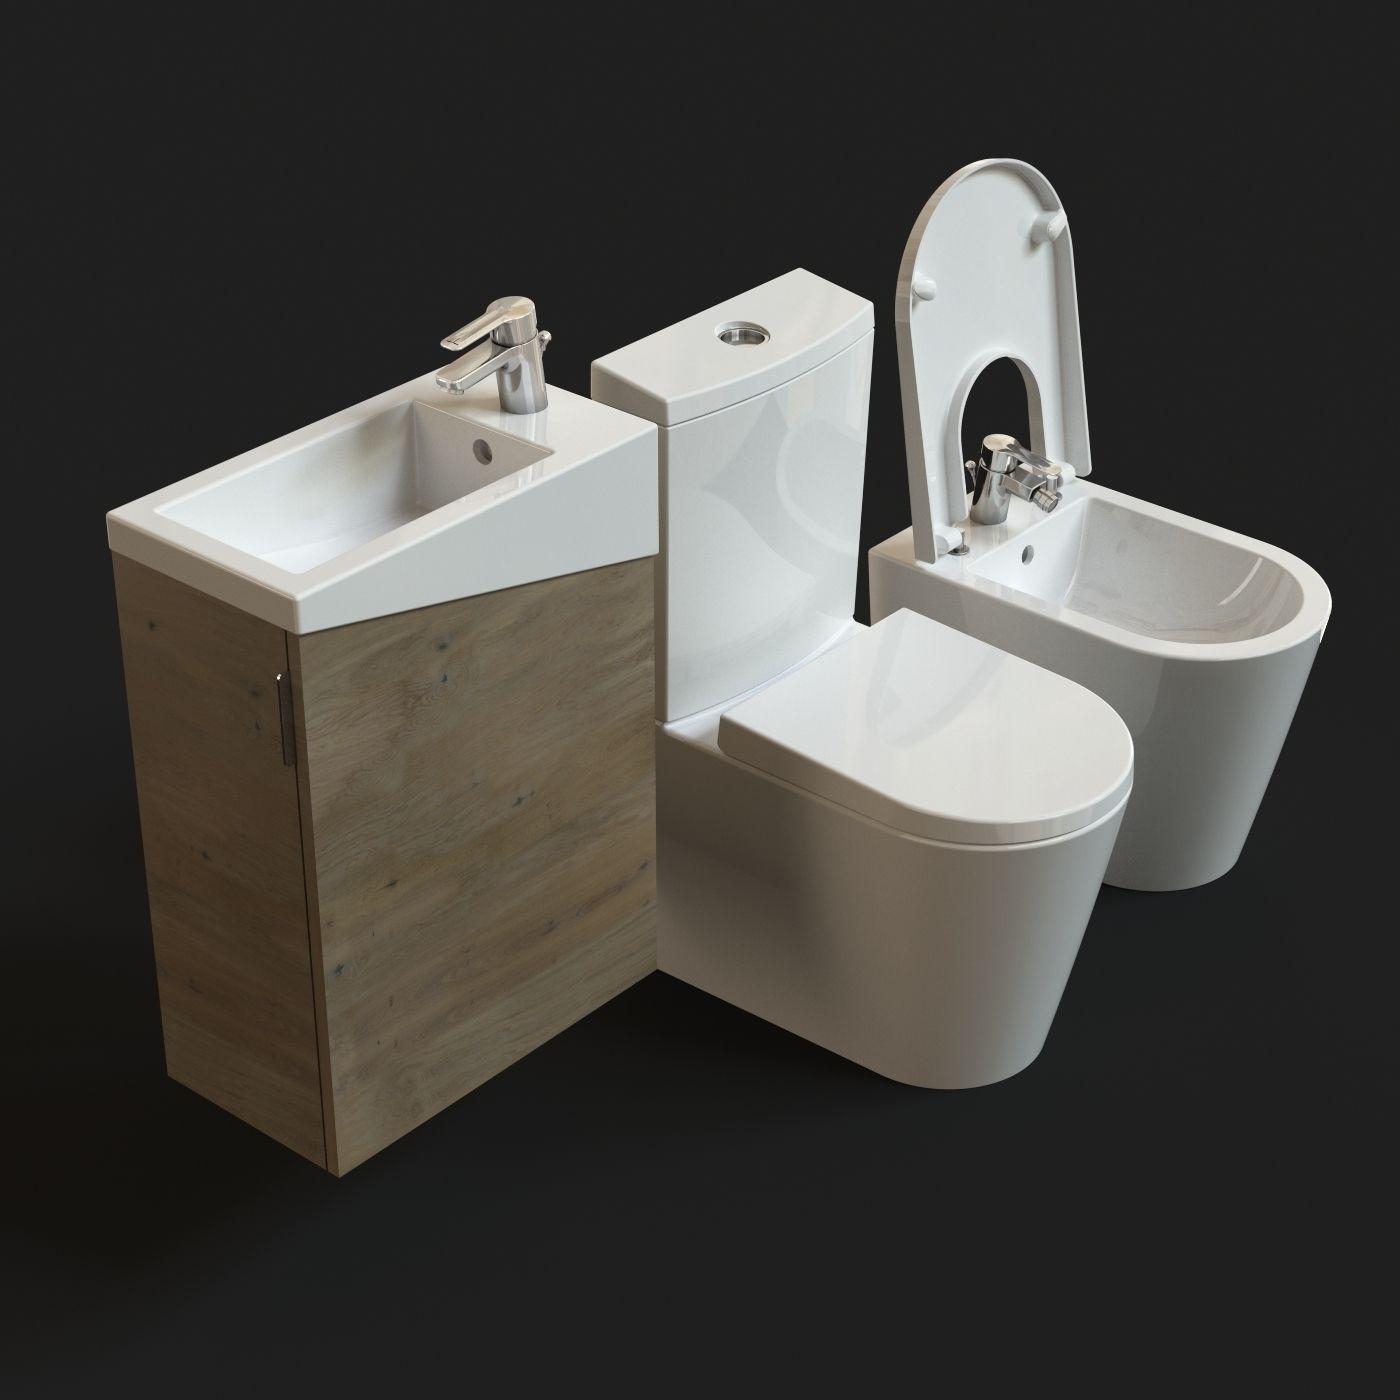 Urb Y Plus Sanitaryware Free Model Free 3d Model Max Obj